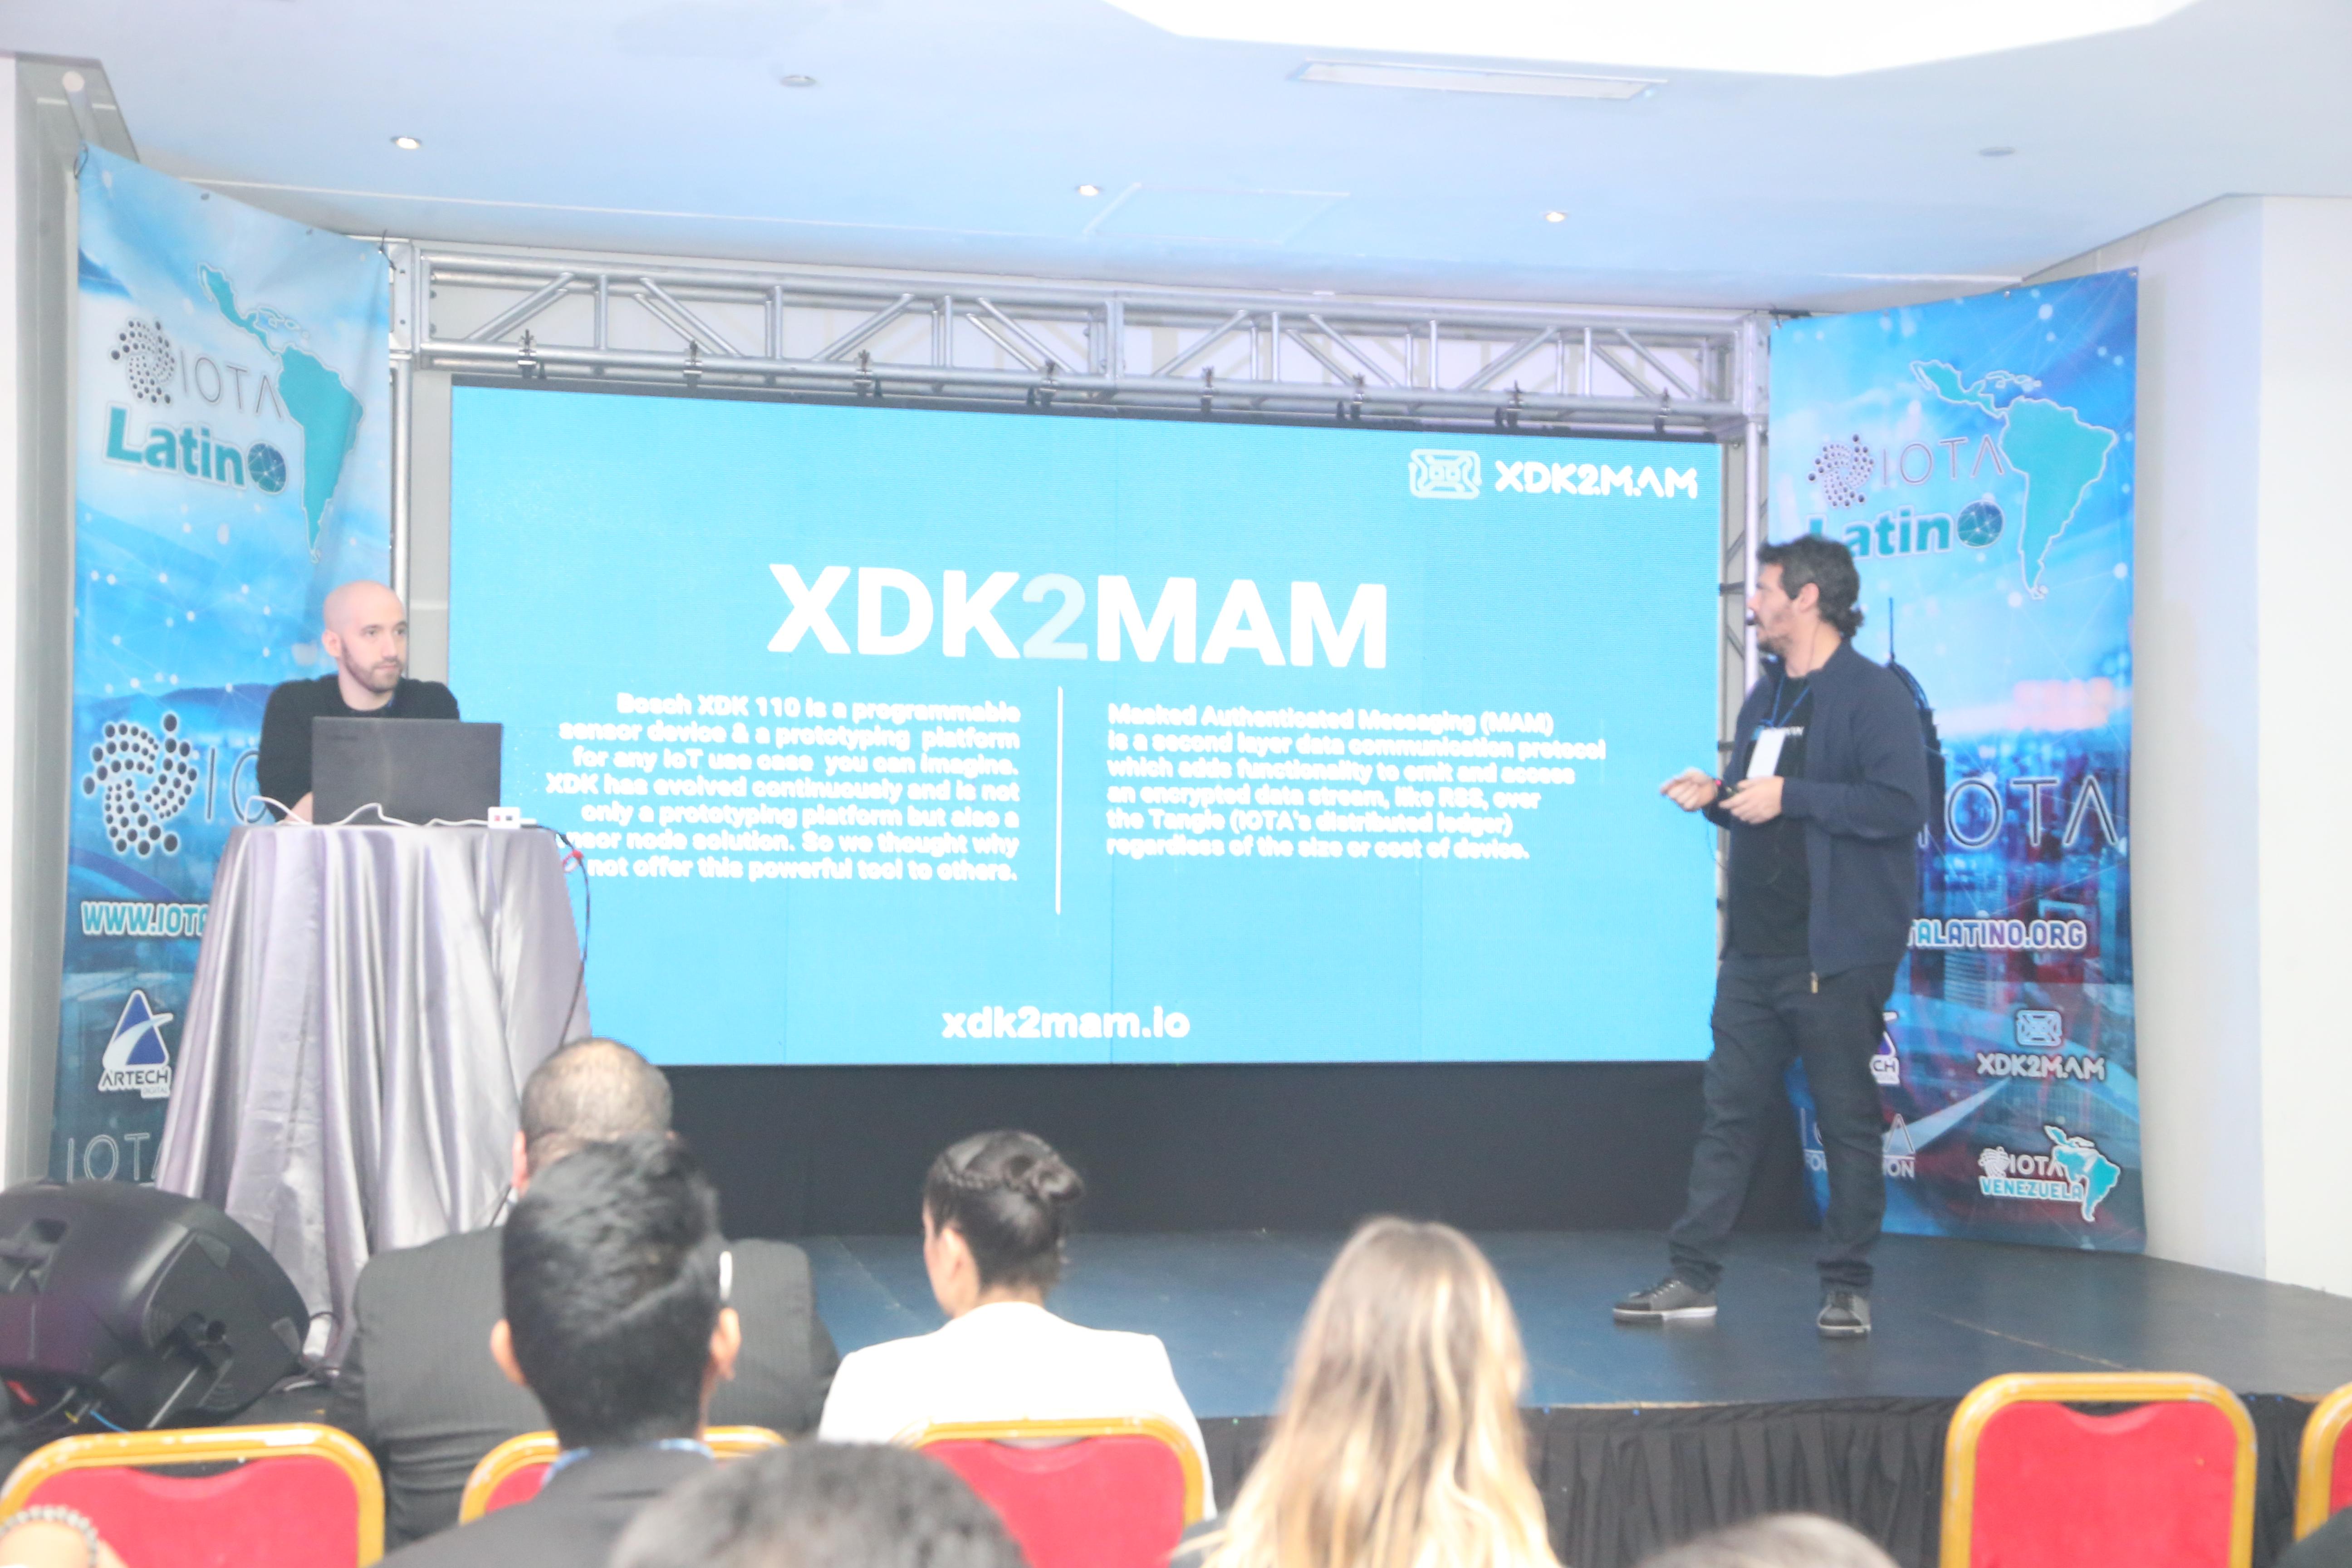 XDX2MAN